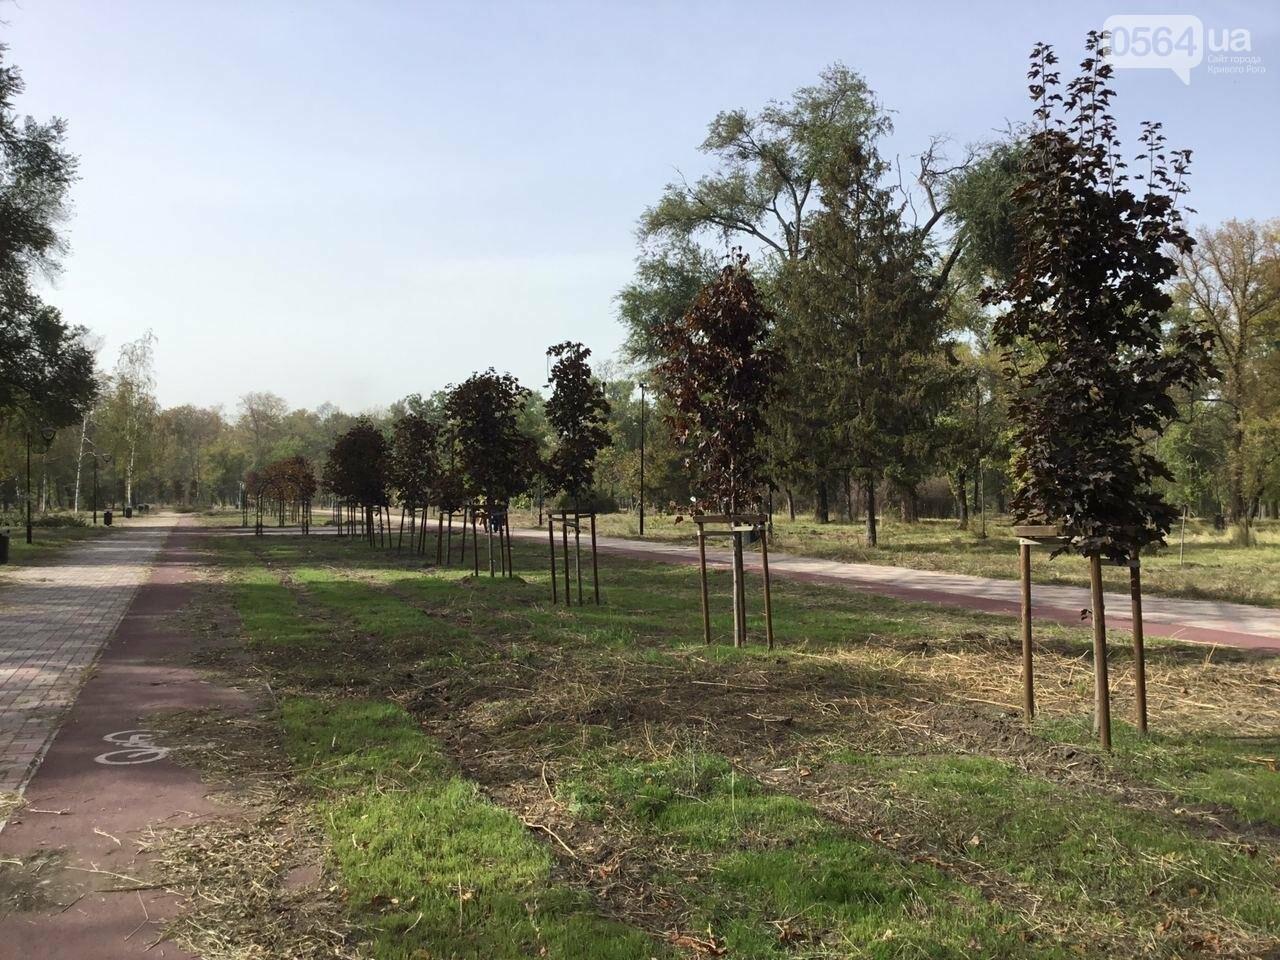 В Гданцевском парке наводят порядок. Как выглядит парк после покоса амброзии, - ФОТО, ВИДЕО, фото-47